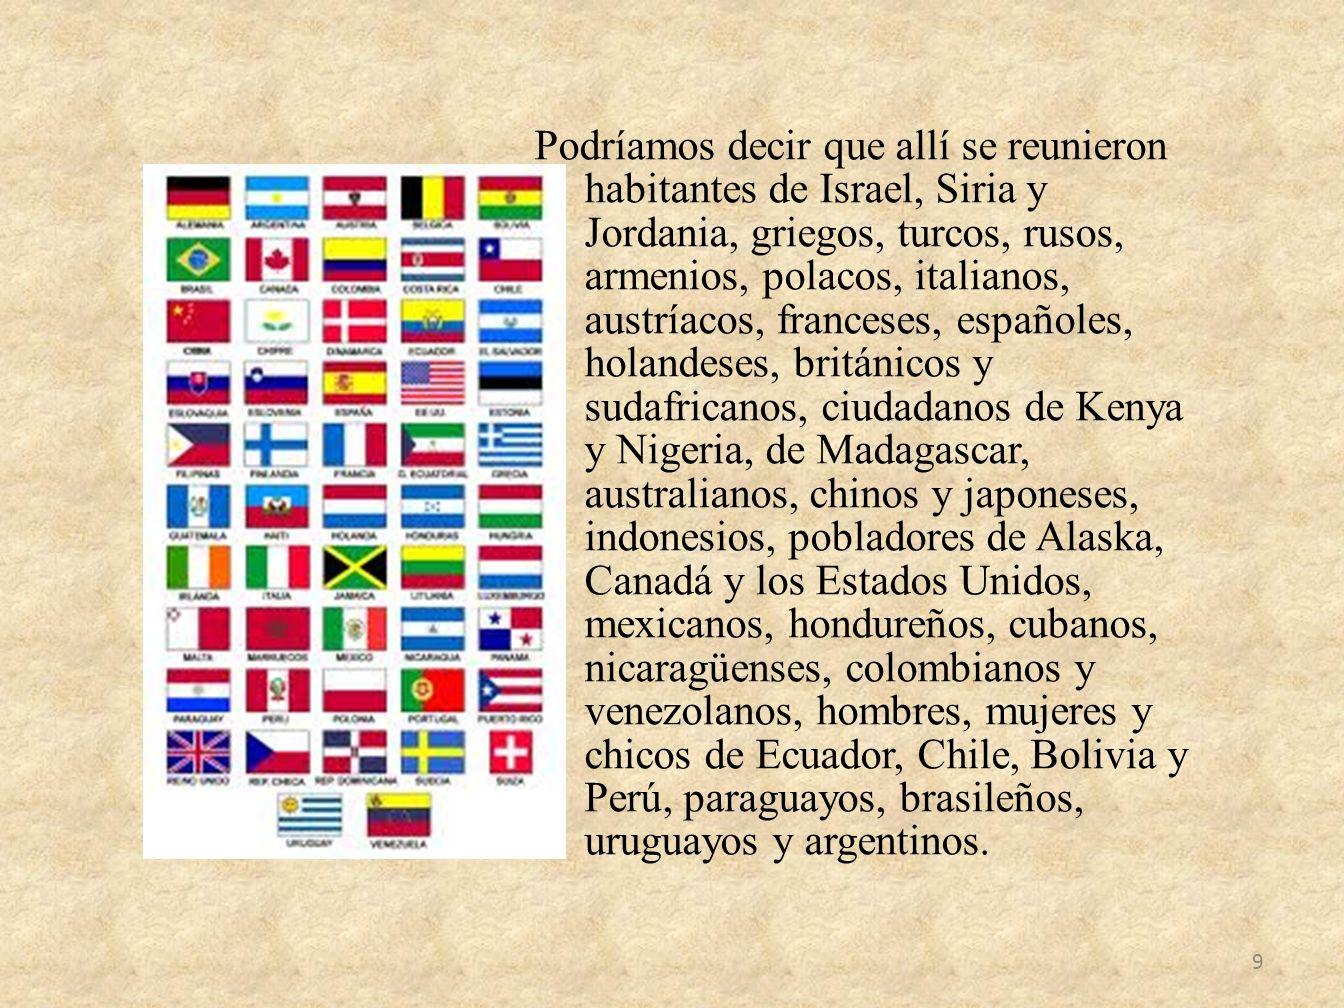 Podríamos decir que allí se reunieron habitantes de Israel, Siria y Jordania, griegos, turcos, rusos, armenios, polacos, italianos, austríacos, france